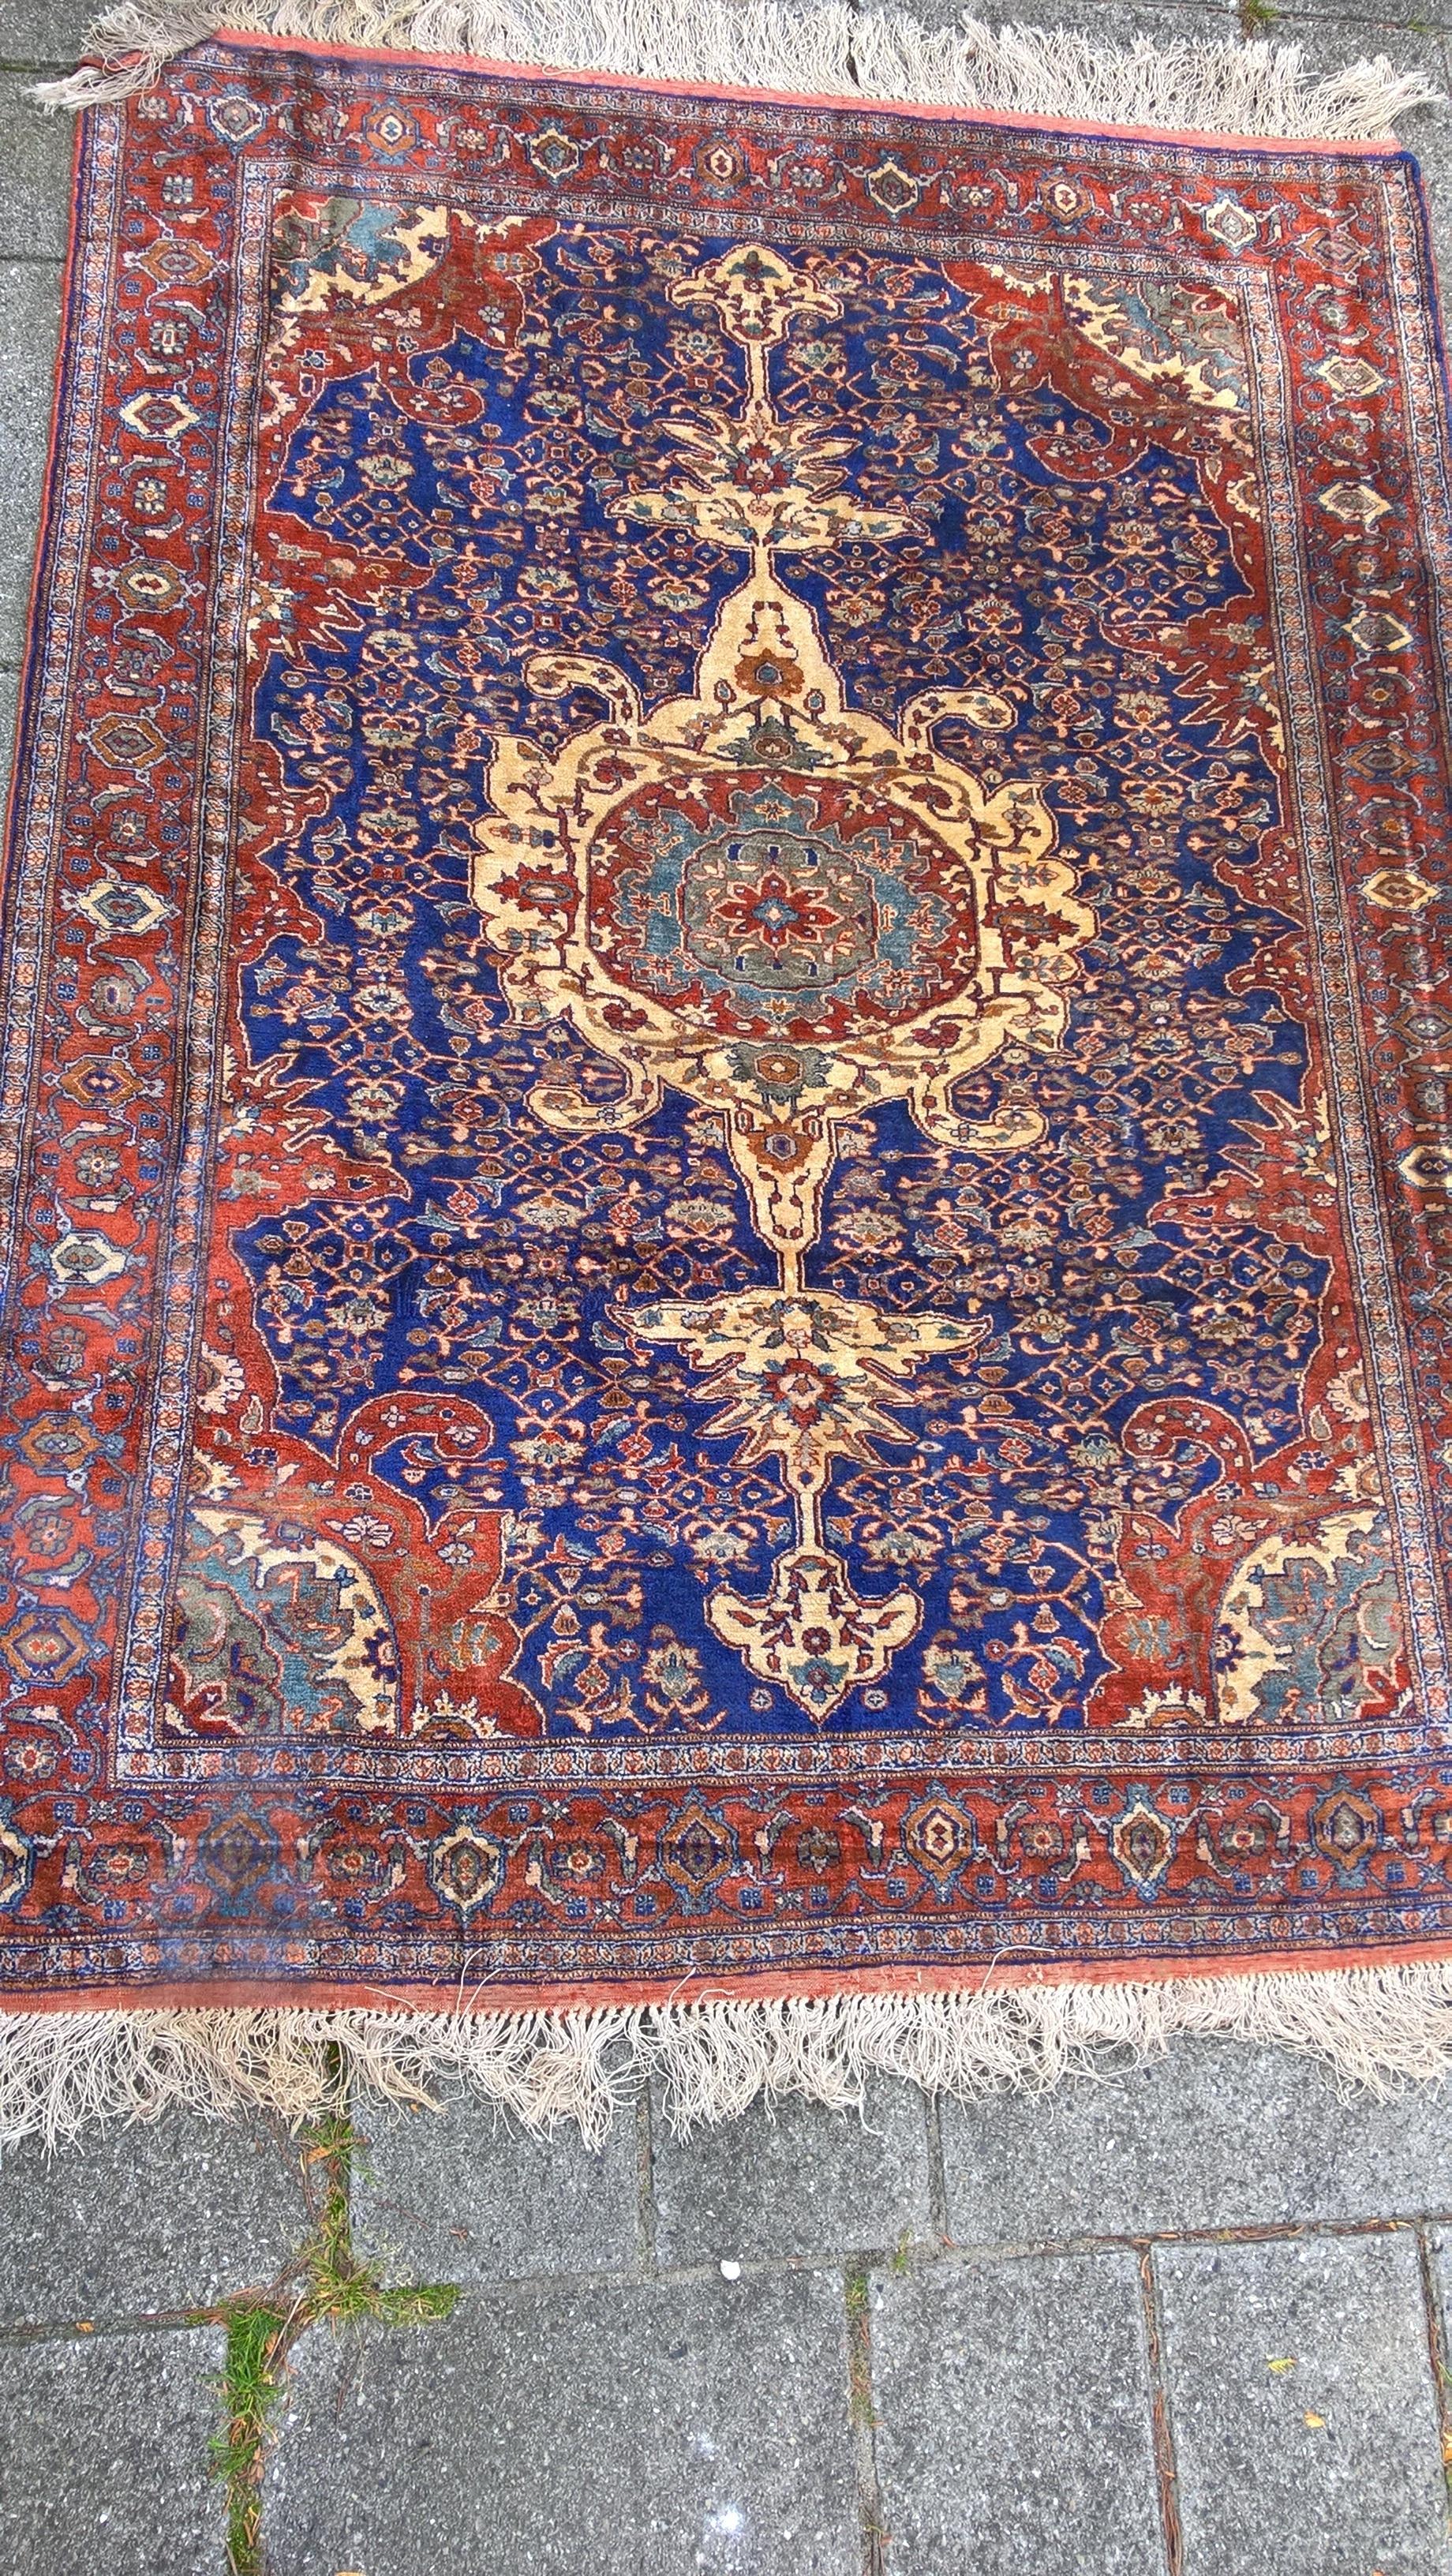 Ægte Persisk tæppe i silke Mål 000 x 000 cm Tæppe kr. 5.500,- Varenr. Rug16-3460-08-bluered